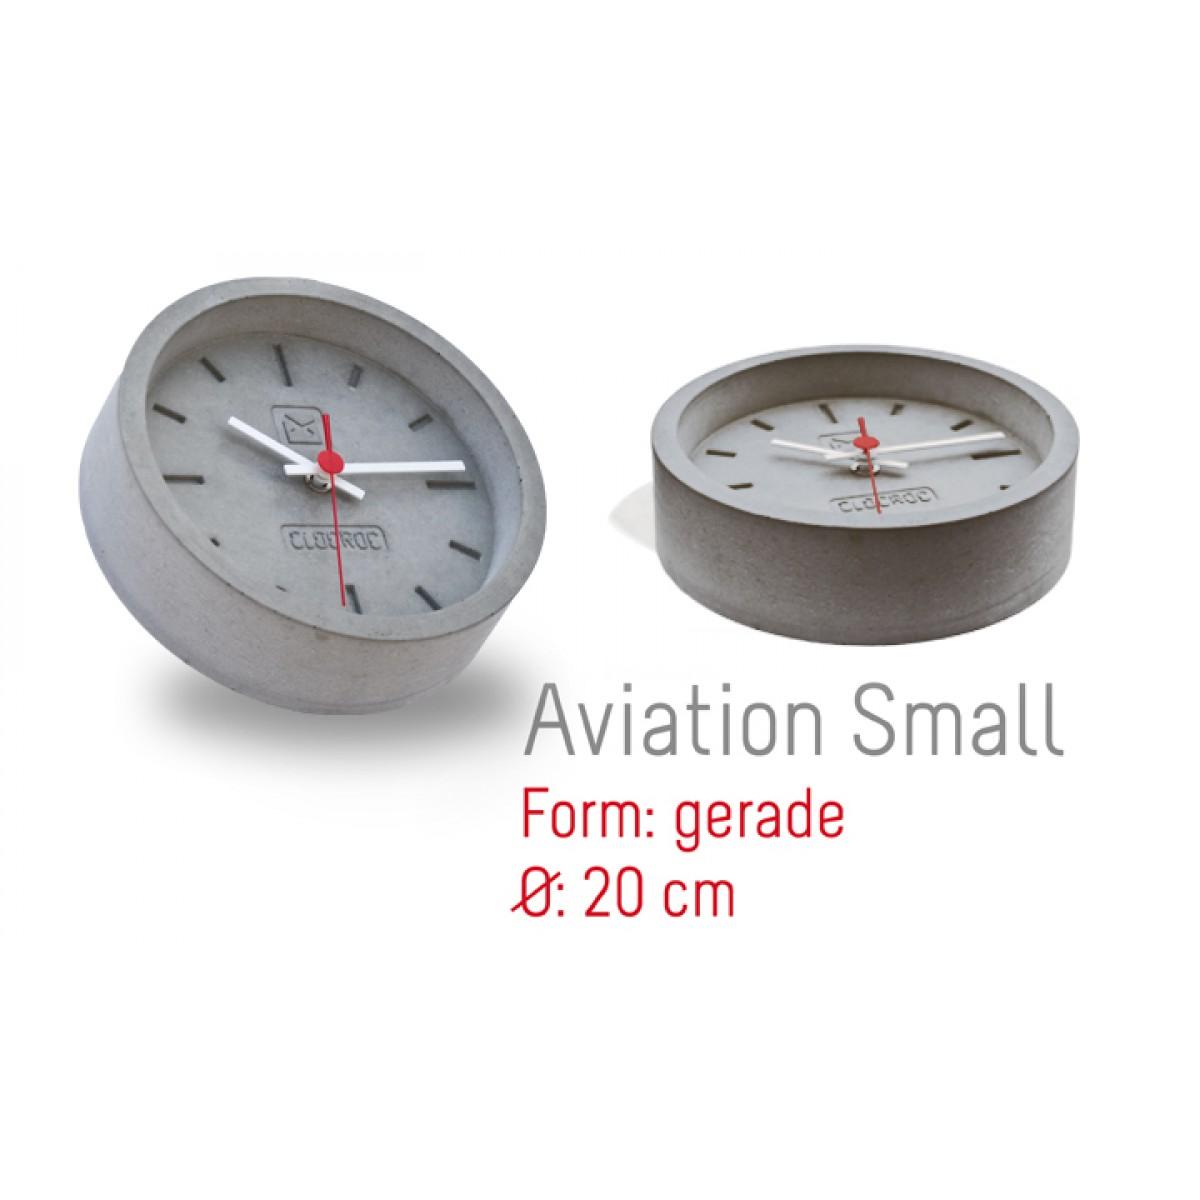 Ambientshop Clocroc Wanduhr aus Beton -  Aviation Small: